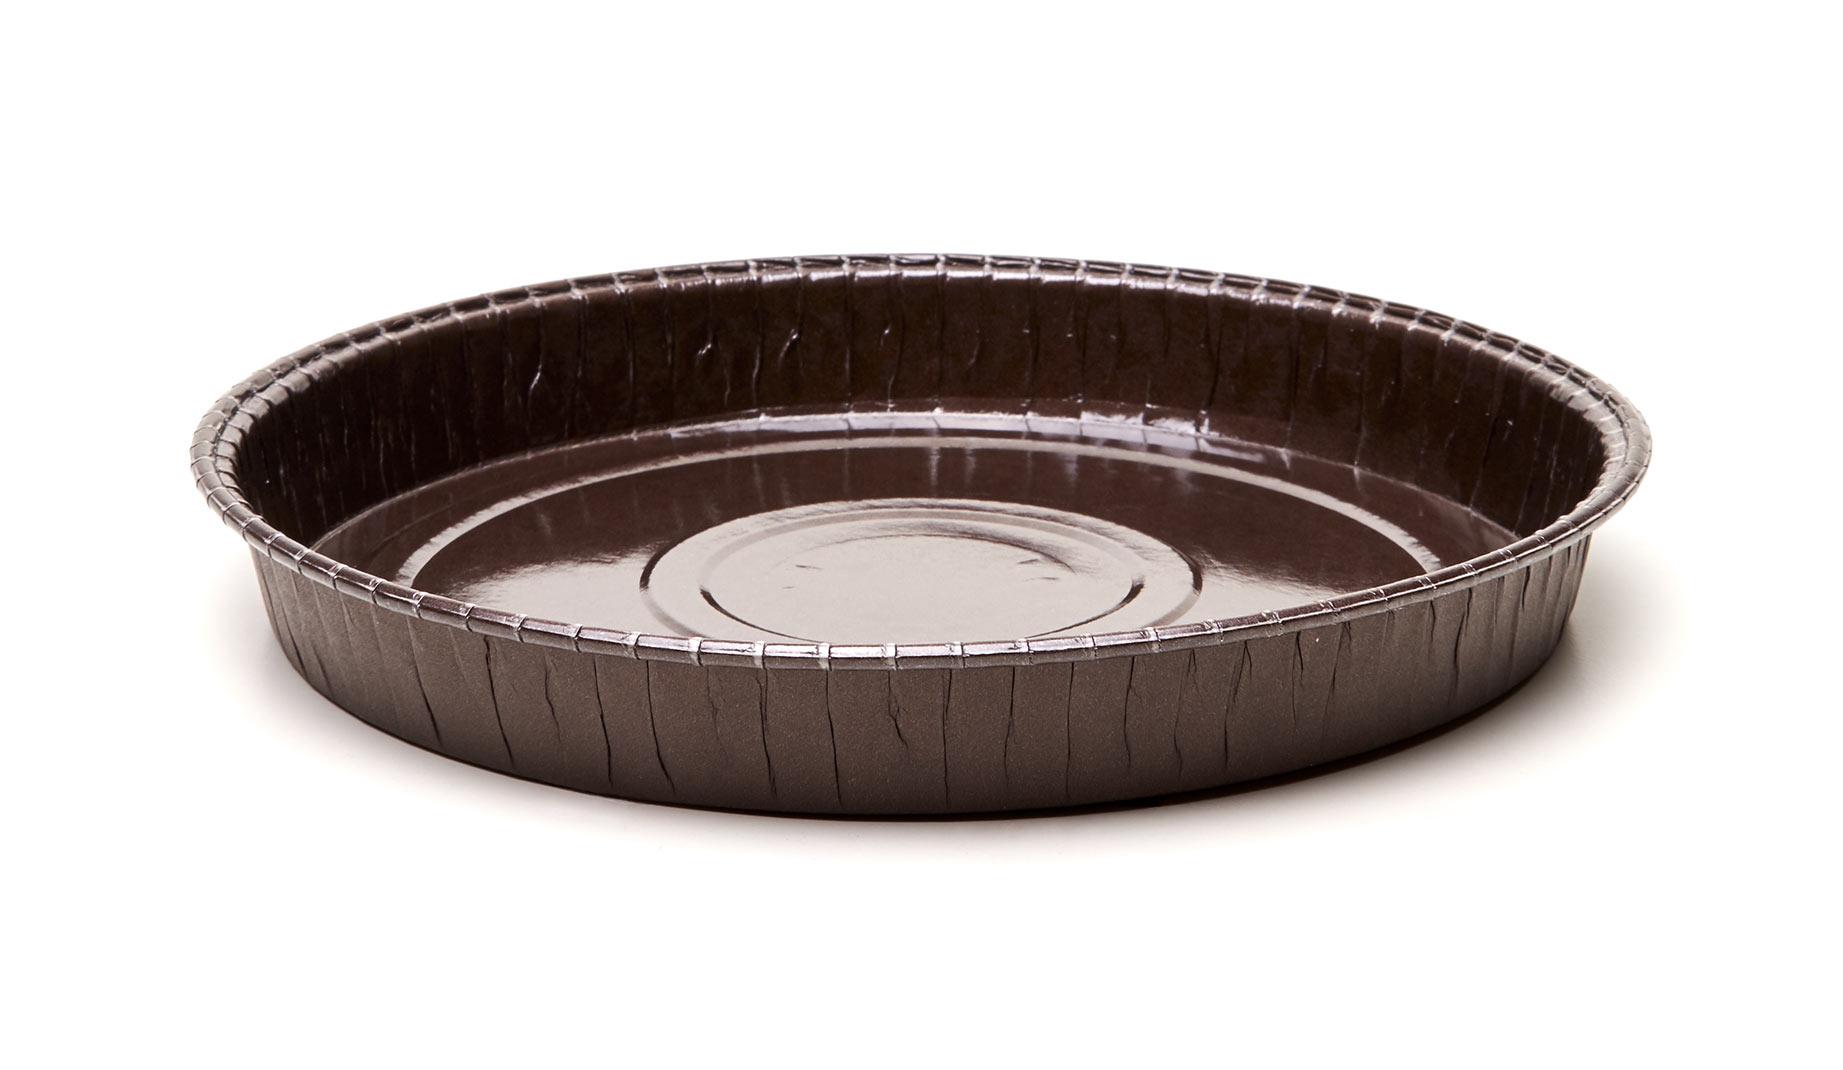 Novacart Optima baking mold